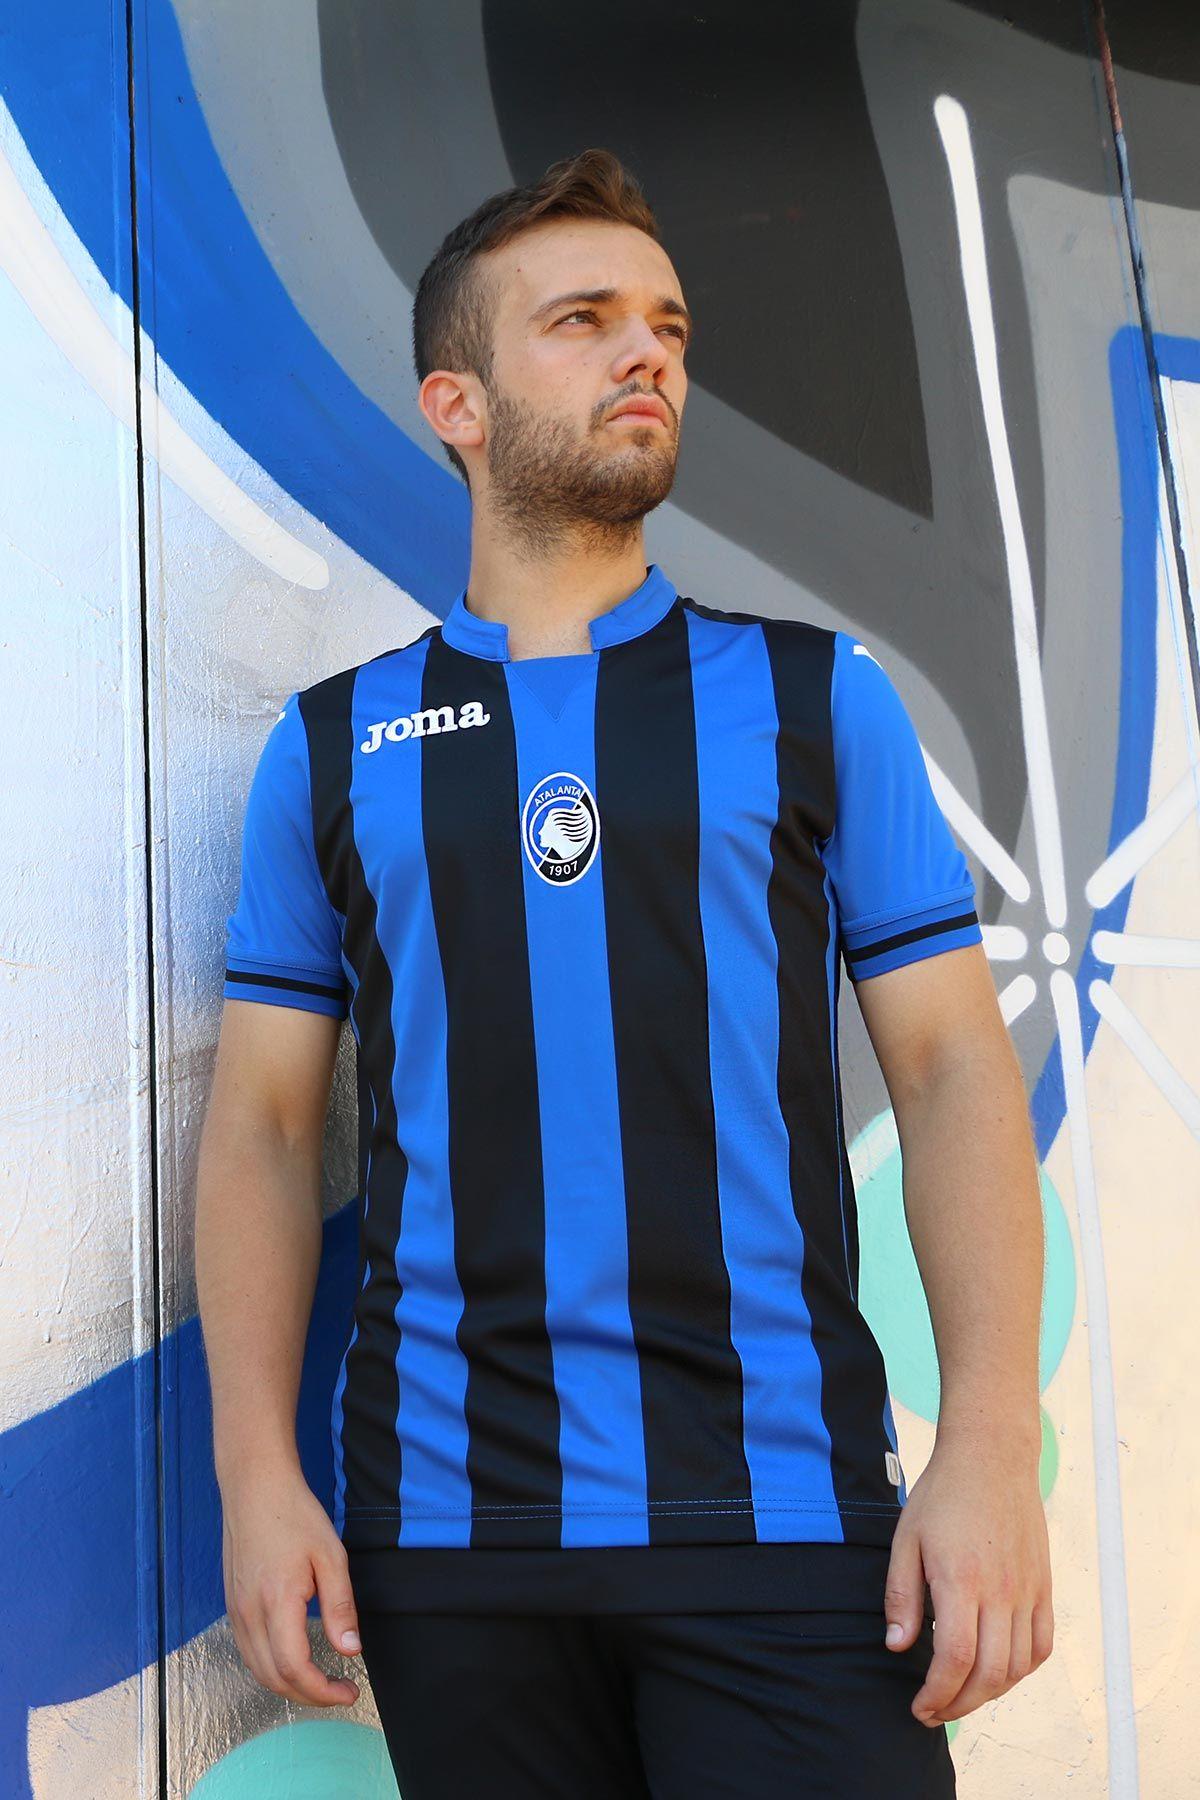 cc7994fd5b9f6 Camiseta primera equipación Joma Atalanta 2018 - 2019 - azul y negra  Encuentra ésta camiseta y